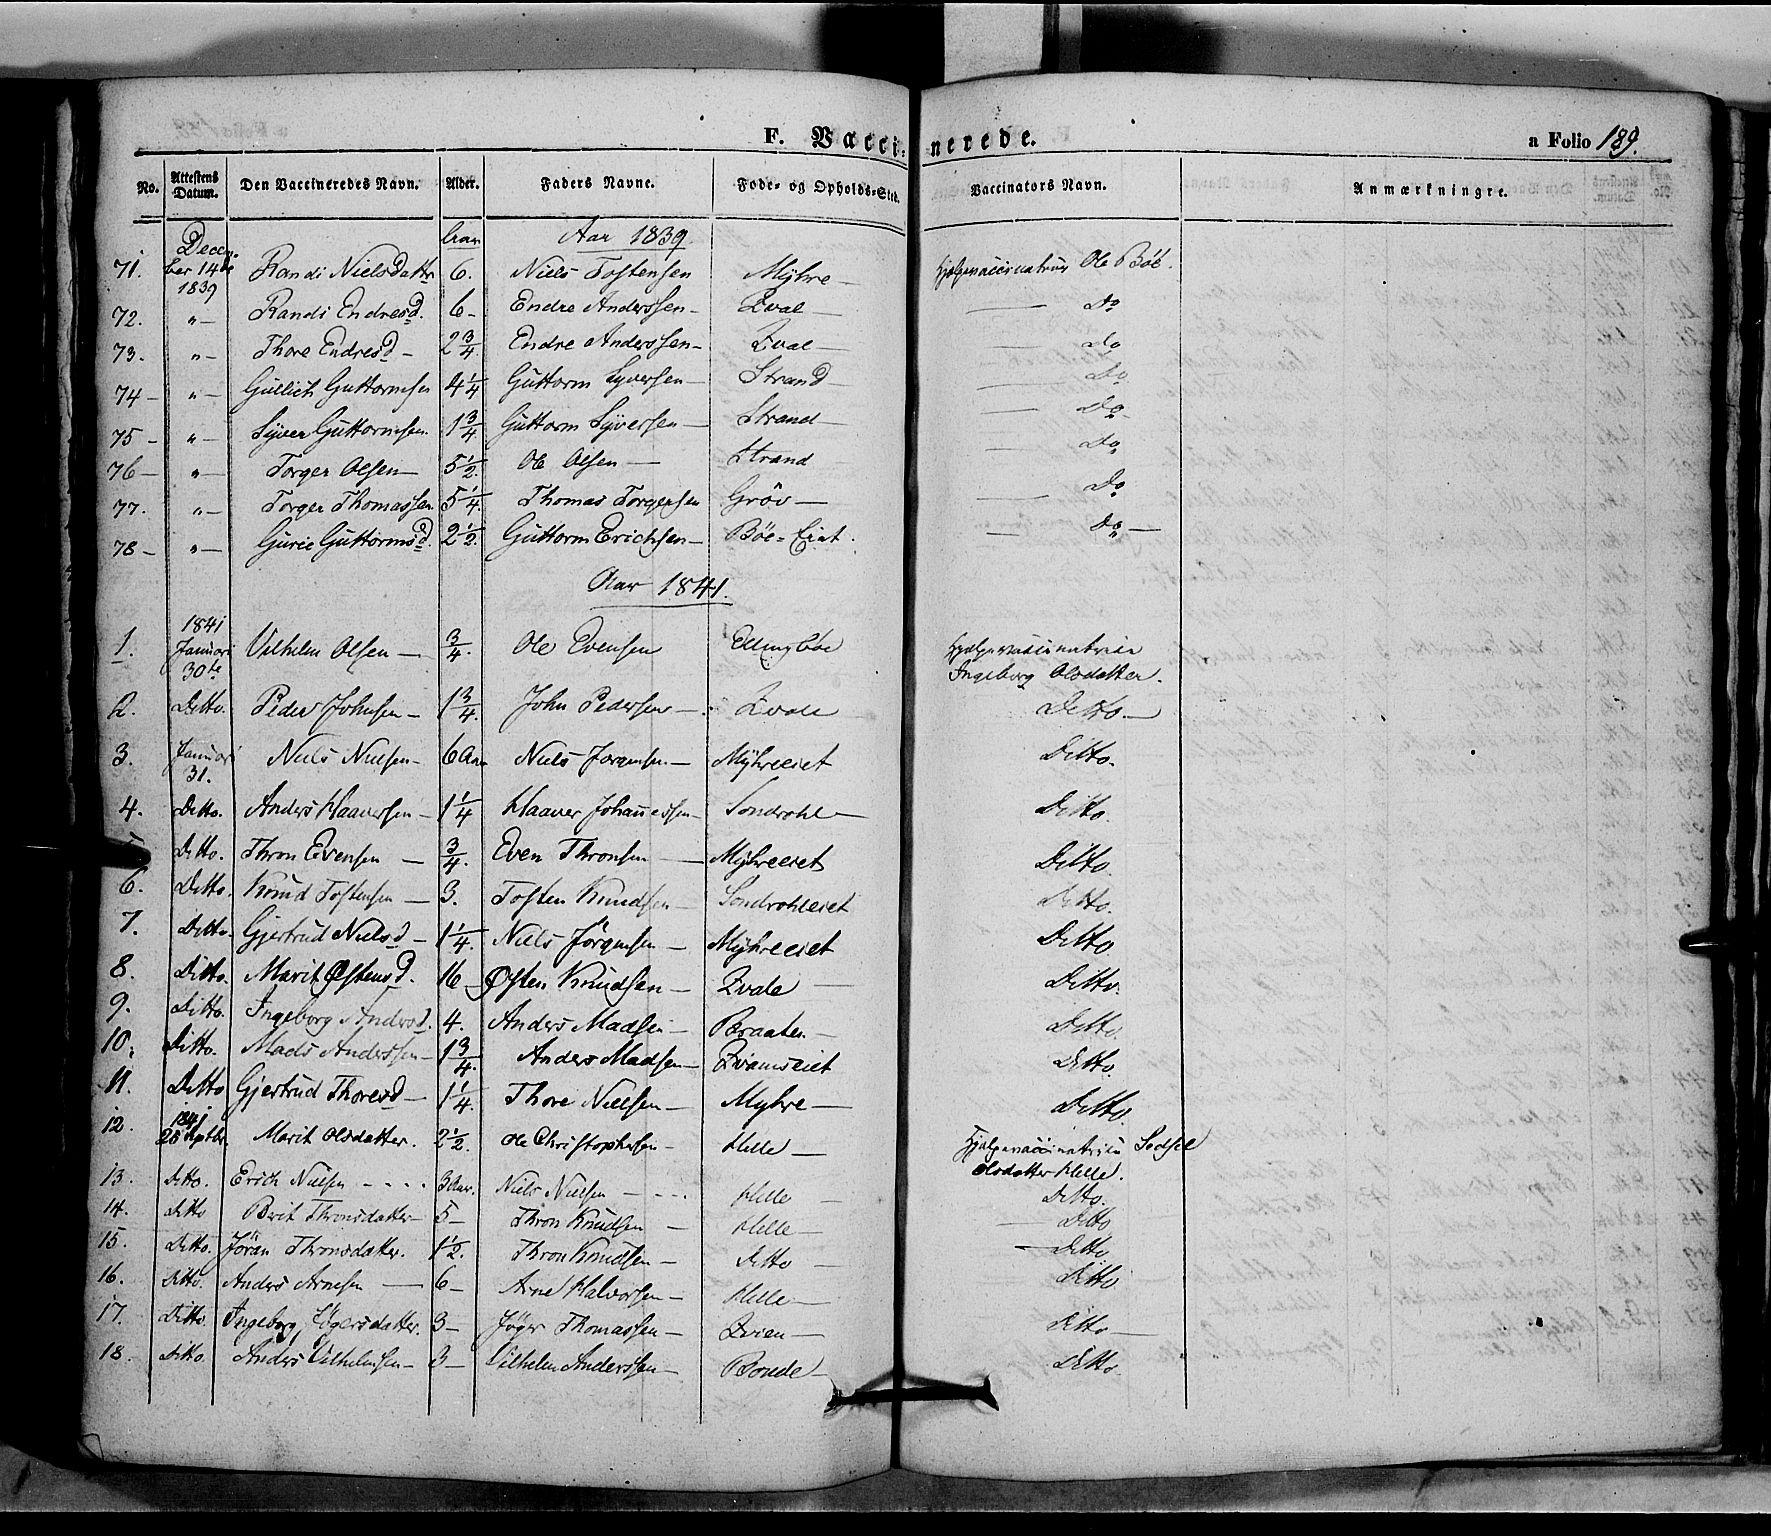 SAH, Vang prestekontor, Valdres, Ministerialbok nr. 5, 1831-1845, s. 189